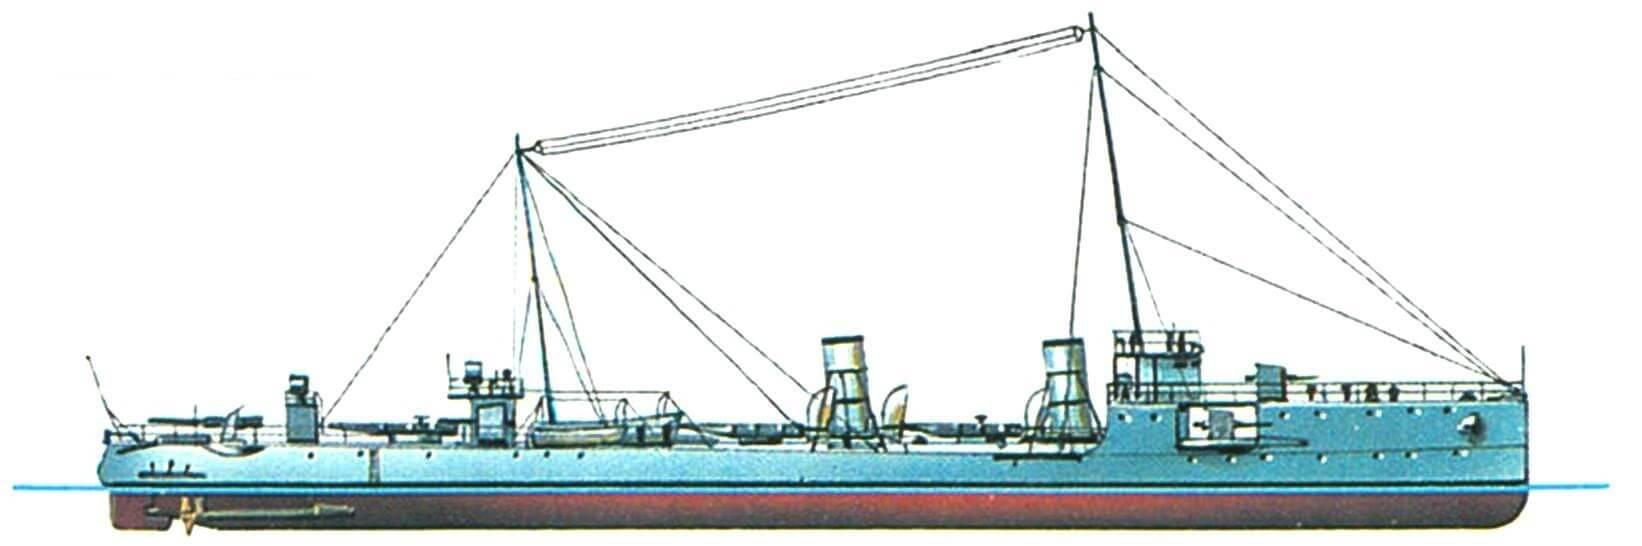 164. Эскадренный миноносец «Лейтенант Шестаков», Россия, 1909 г. Строился в Николаеве по усовершенствованному проекту фирмы «Крупп». Водоизмещение проектное 605 т, фактическое 780 т. Длина наибольшая 74,1 м, ширина 8,3 м, осадка 2,53 м. Мощность двухвальной паросиловой установки 6500 л.с., скорость 25 узлов. Вооружение: одна 1 20-мм и пять 75-мм пушек, два пулемета, три торпедных аппарата. Всего построено четыре единицы: «Лейтенант Шестаков», «Капитан Сакен», «Капитан-лейтенант Баранов» и «Лейтенант Зацаренный».